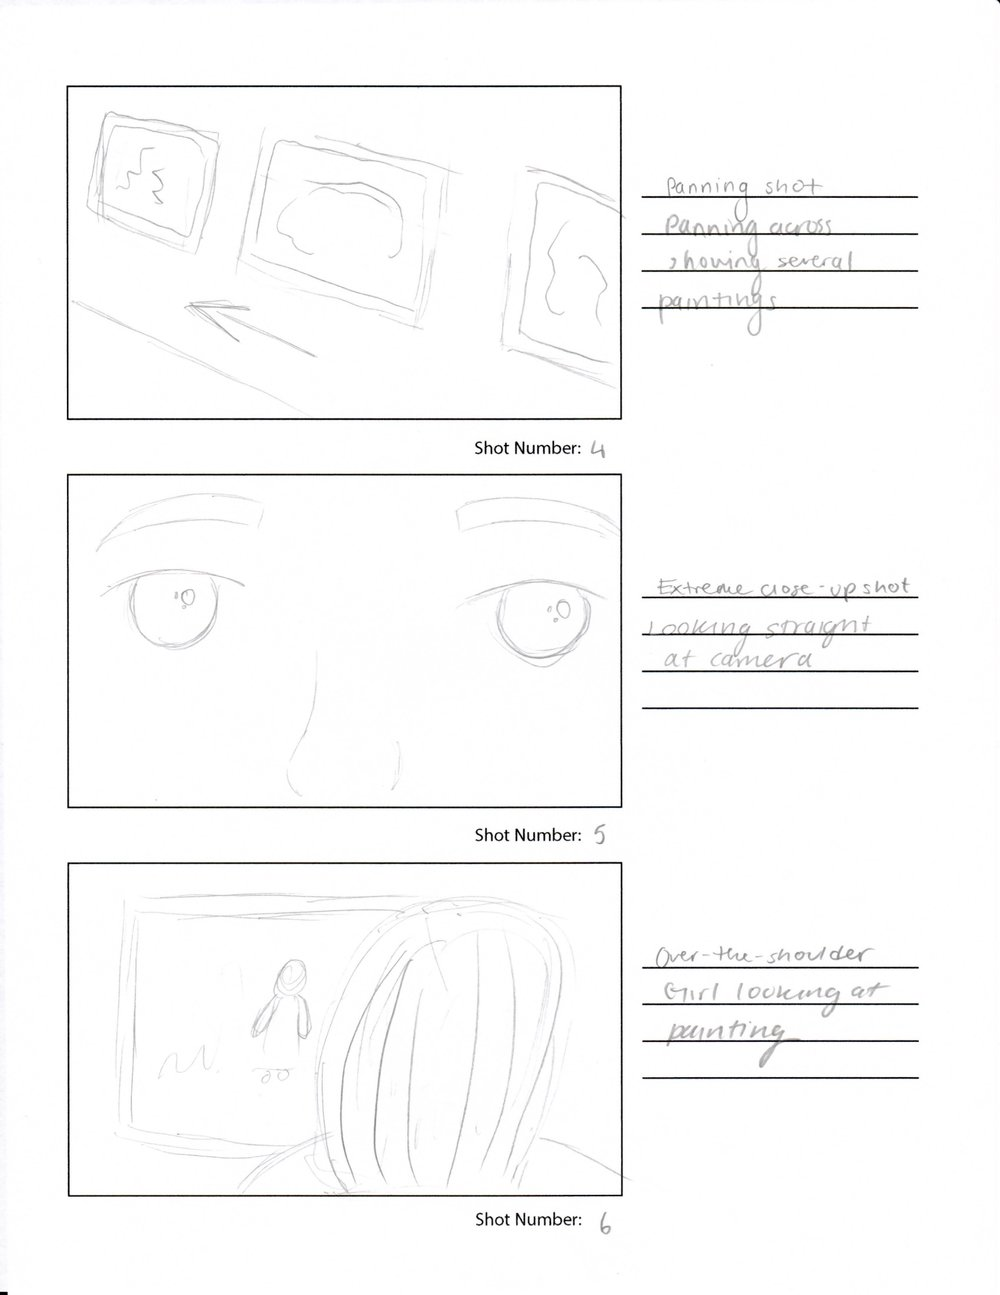 storyboard_2.jpeg